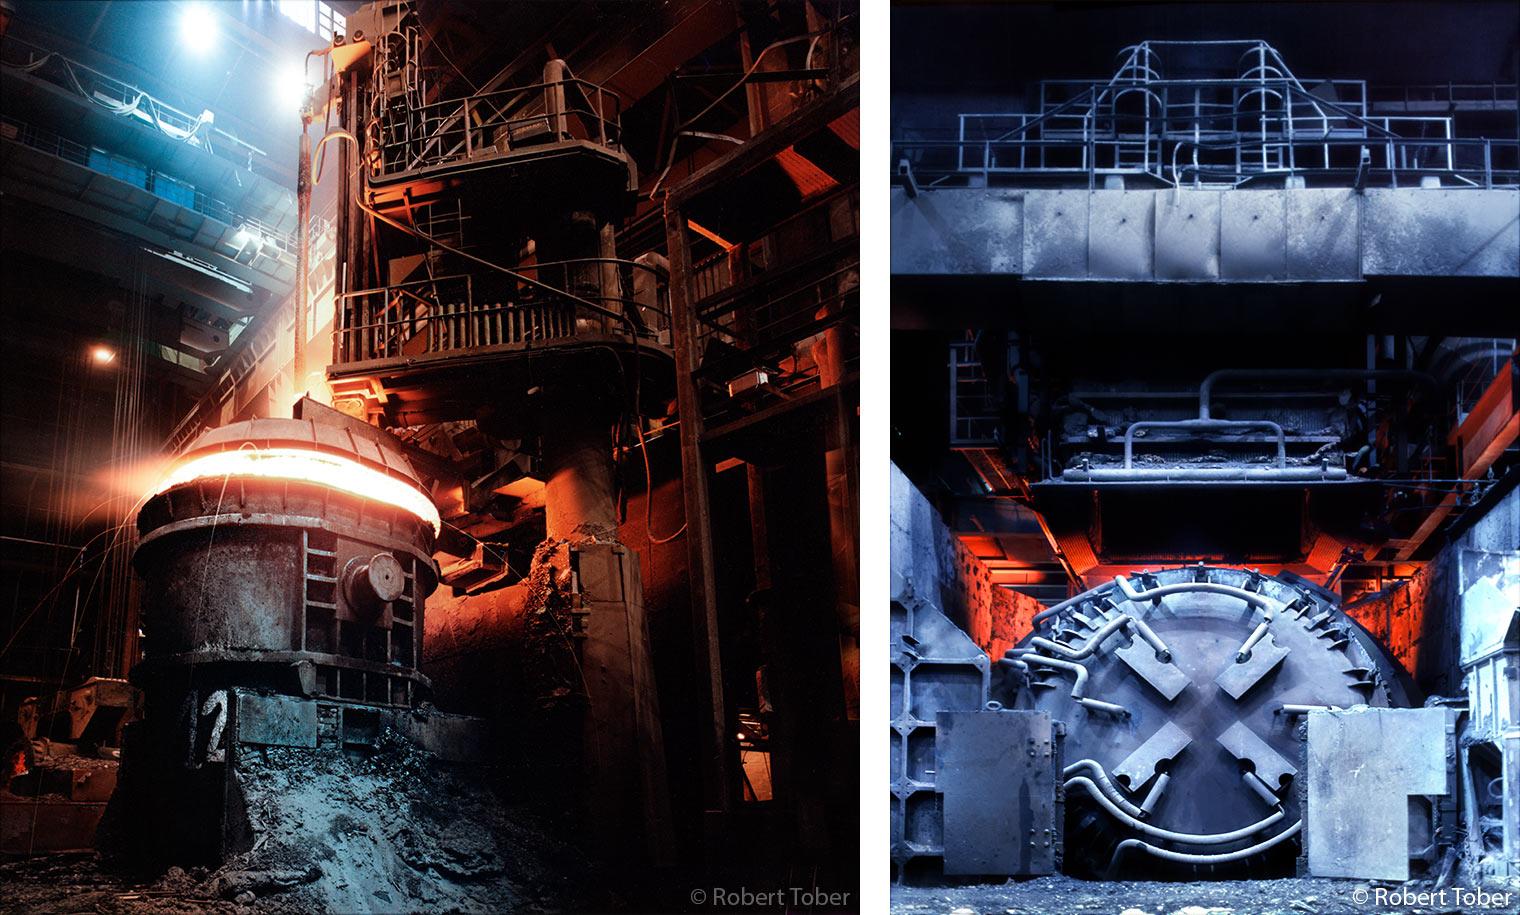 Stahlfabrik Dunaferr Dunai Vasmü in Dunaújváros · © Robert Tober · www.toro.cc